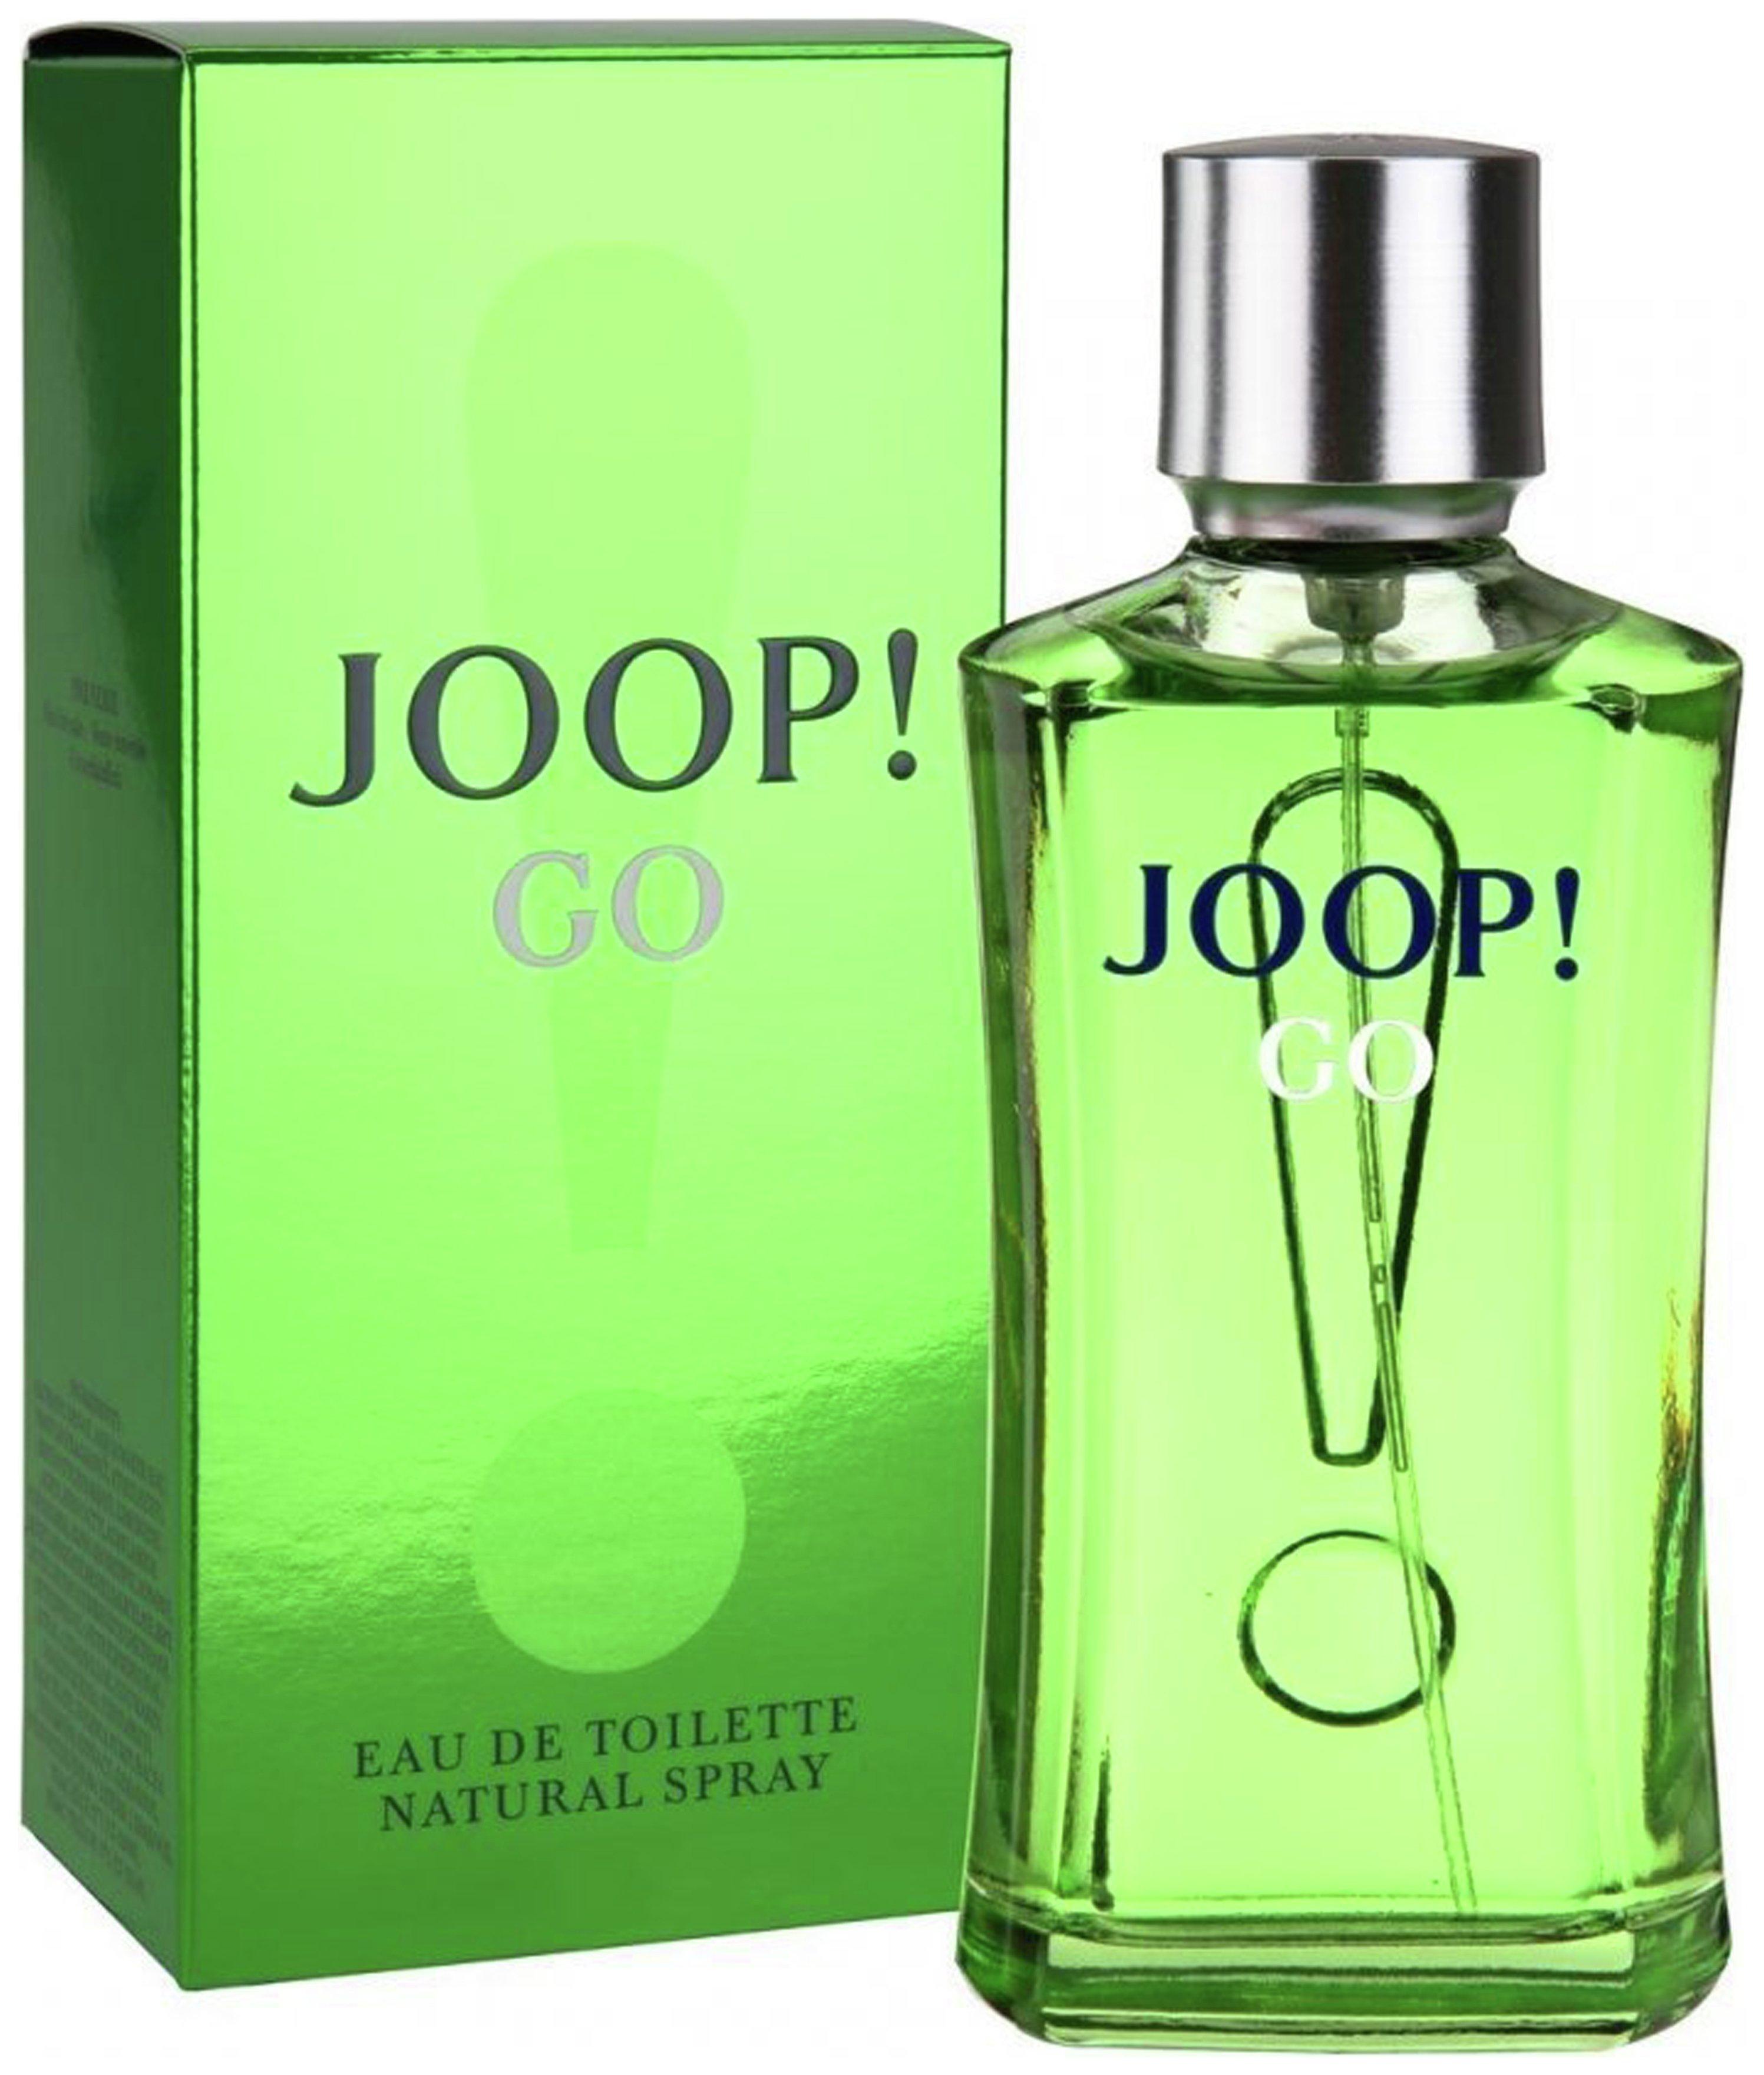 Joop! Go Eau de Toilette for Men - 200ml